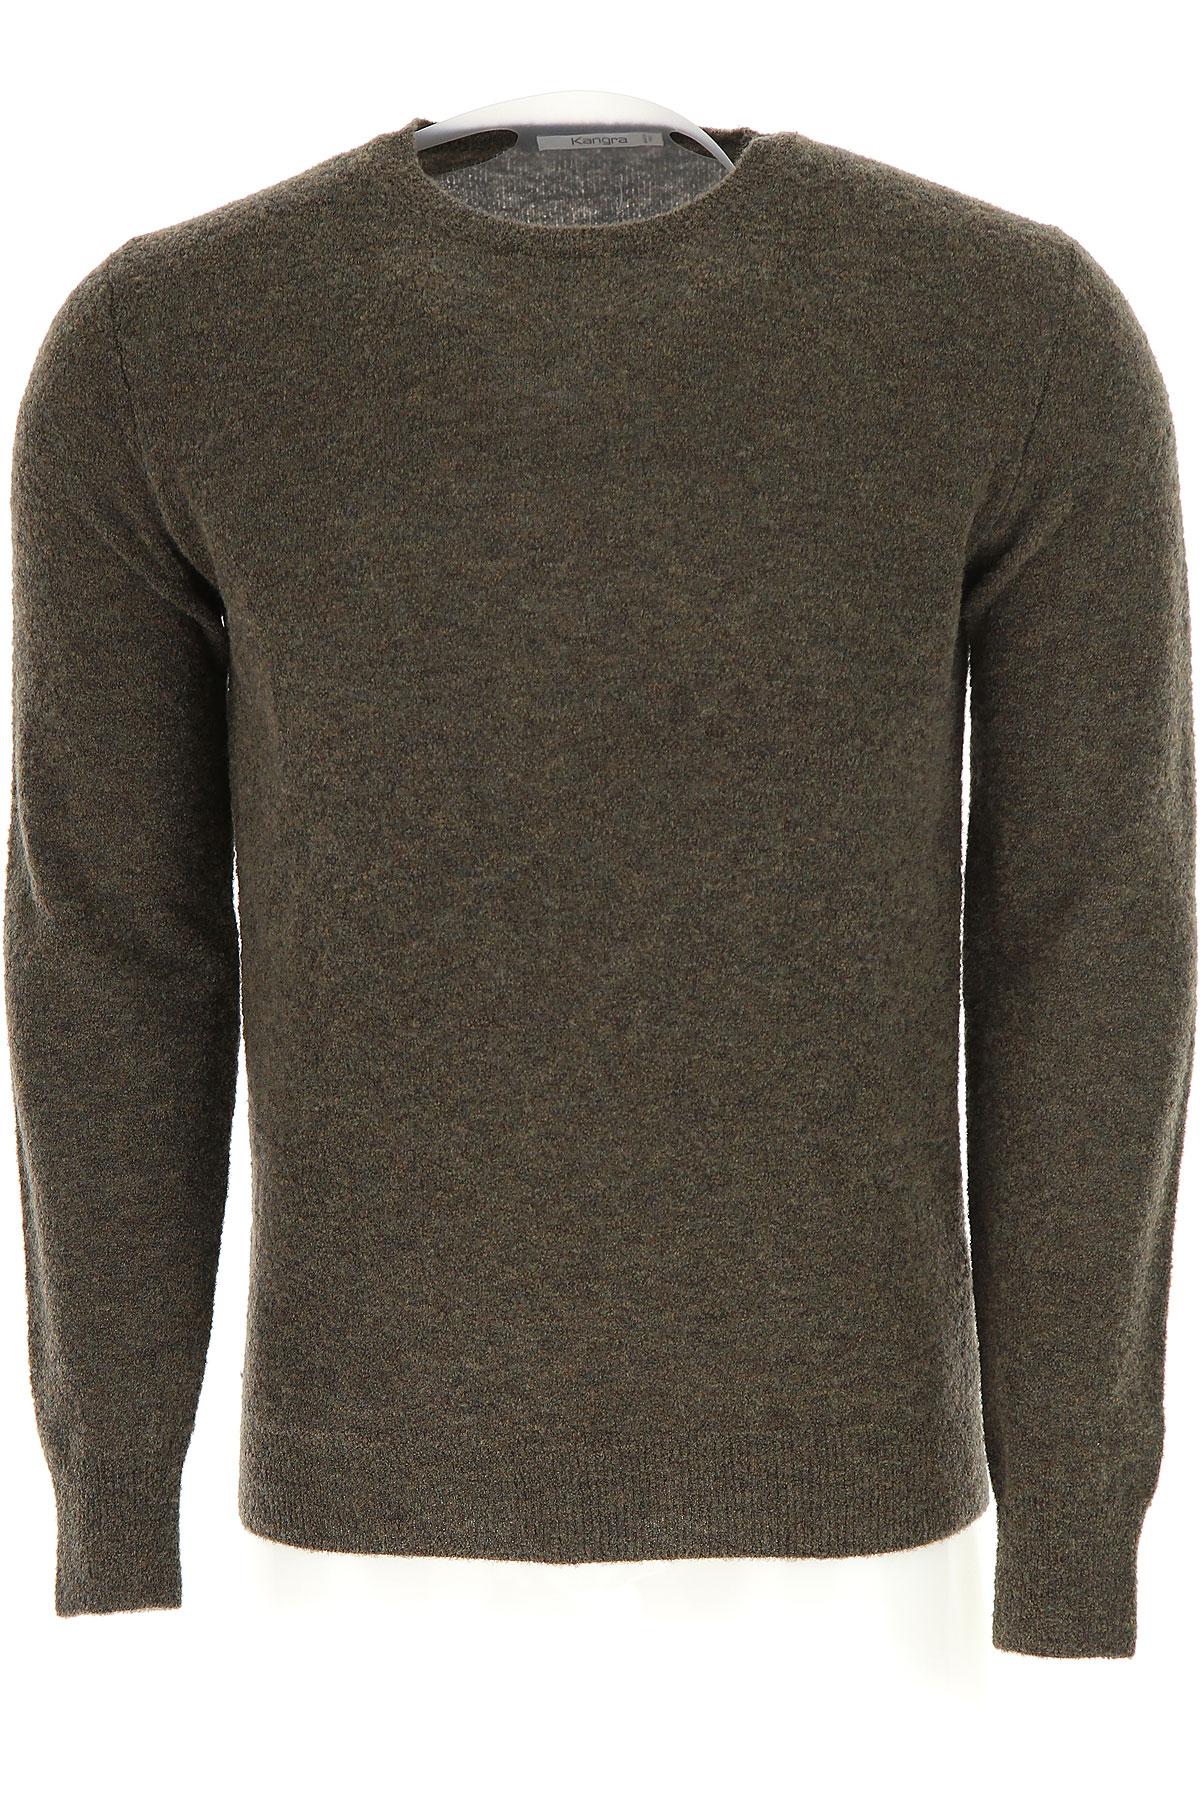 Image of Kangra Sweater for Men Jumper, Forest Green, Wool, 2017, 2 - Uk/Usa M - Ita 48 3 - Uk/Usa L - Ita 50 4 - Uk/Usa XL - Ita 52